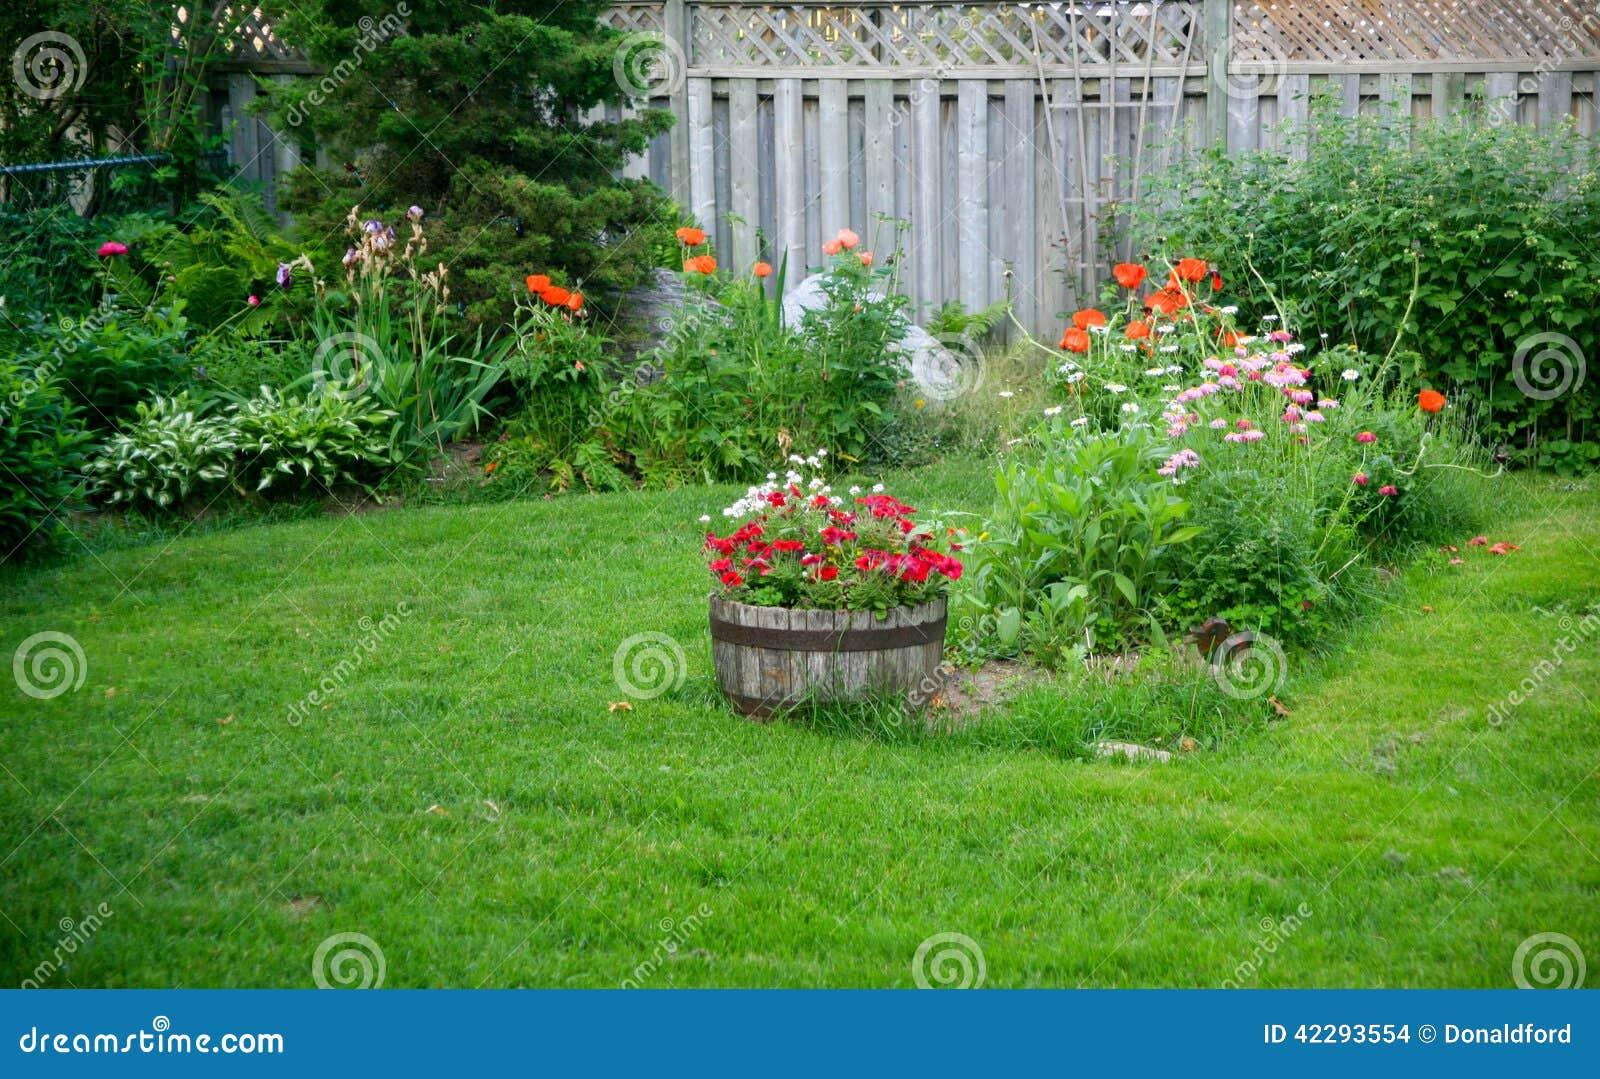 Jardim Do Quintal Foto de Stock - Imagem: 42293554